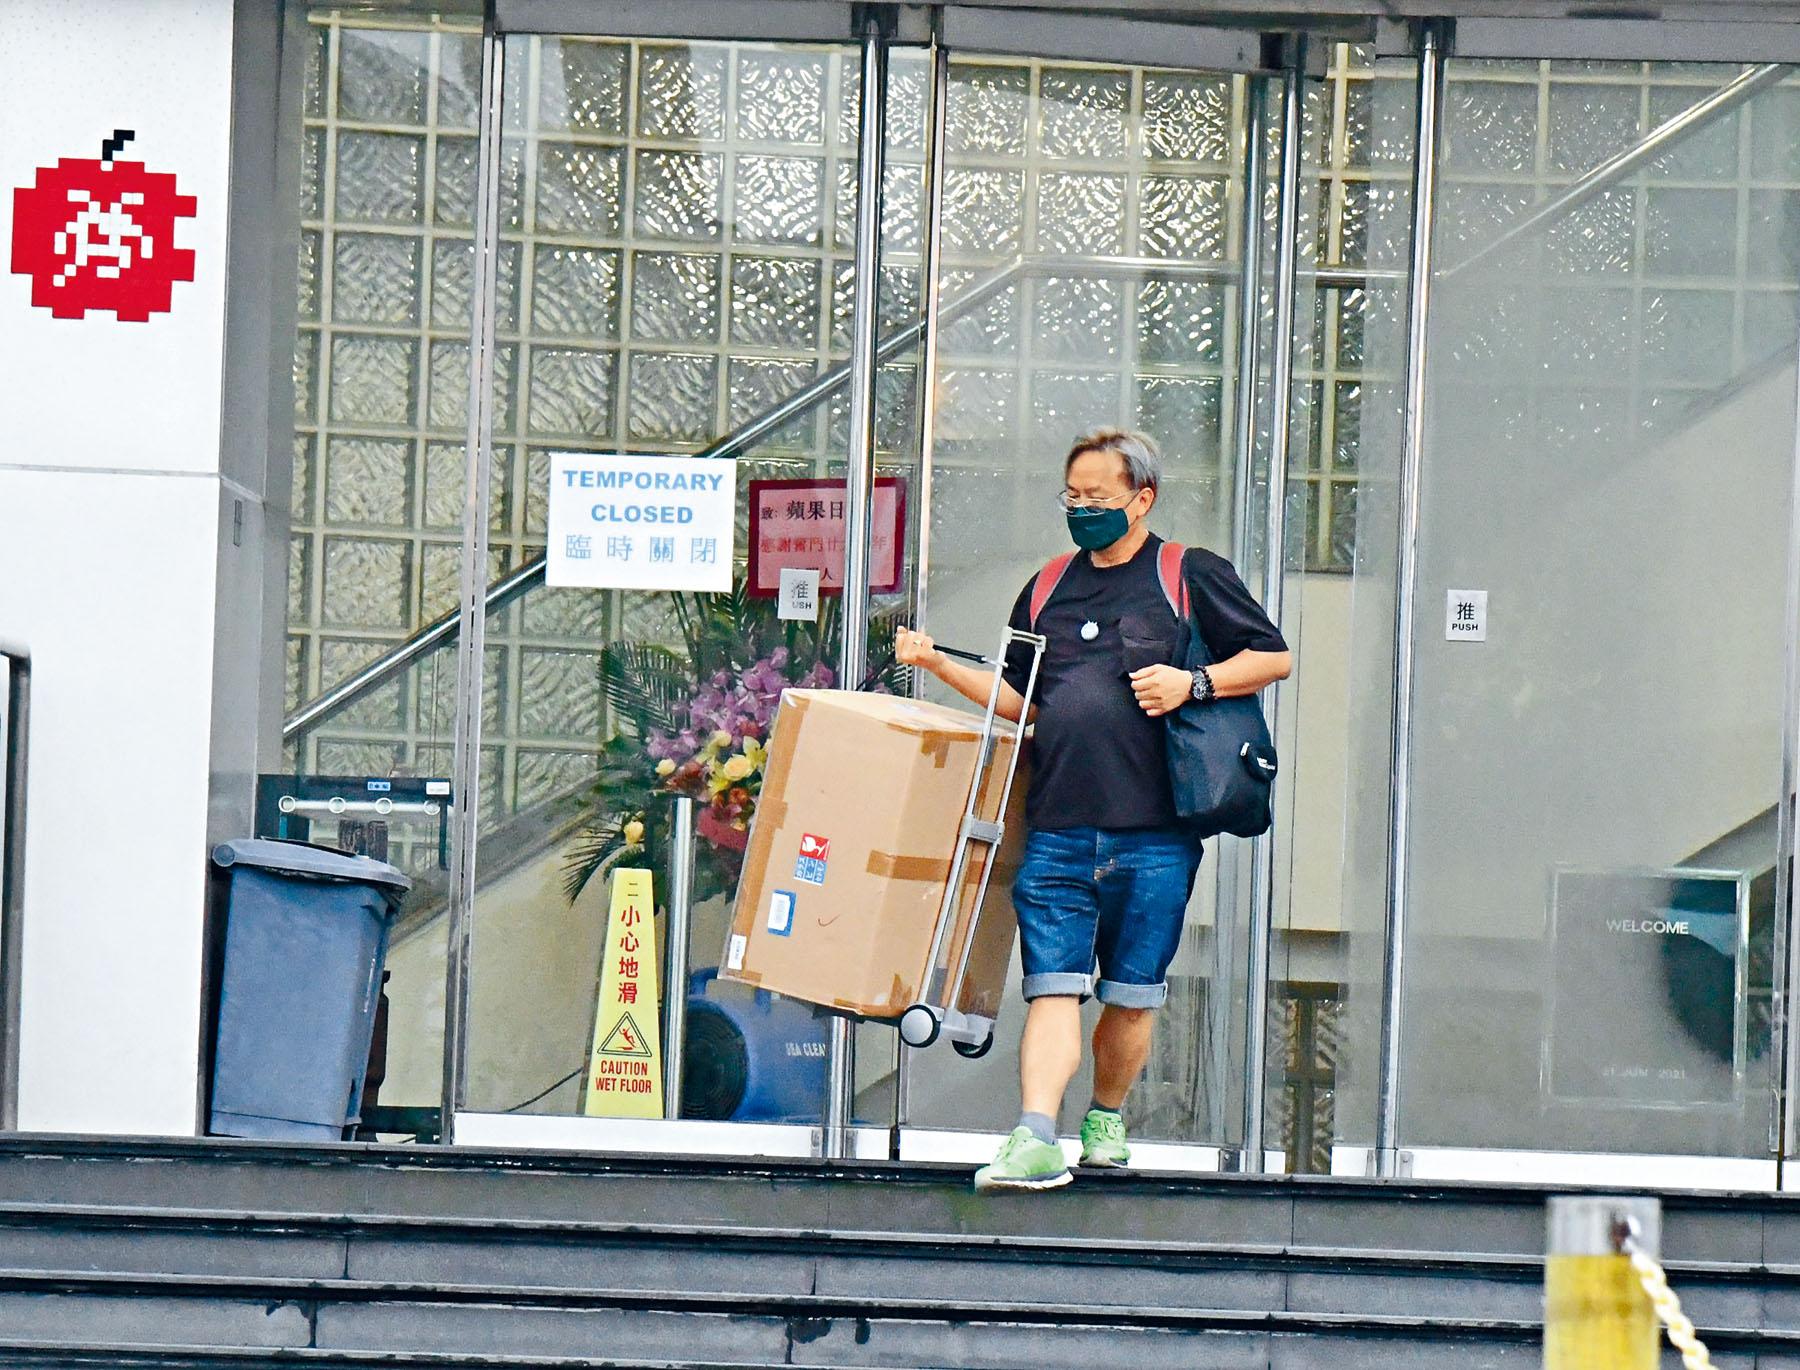 日內停運的消息傳出後,《蘋果日報》大樓出現有下班員工疑拿走私人物品離開。徐裕民攝